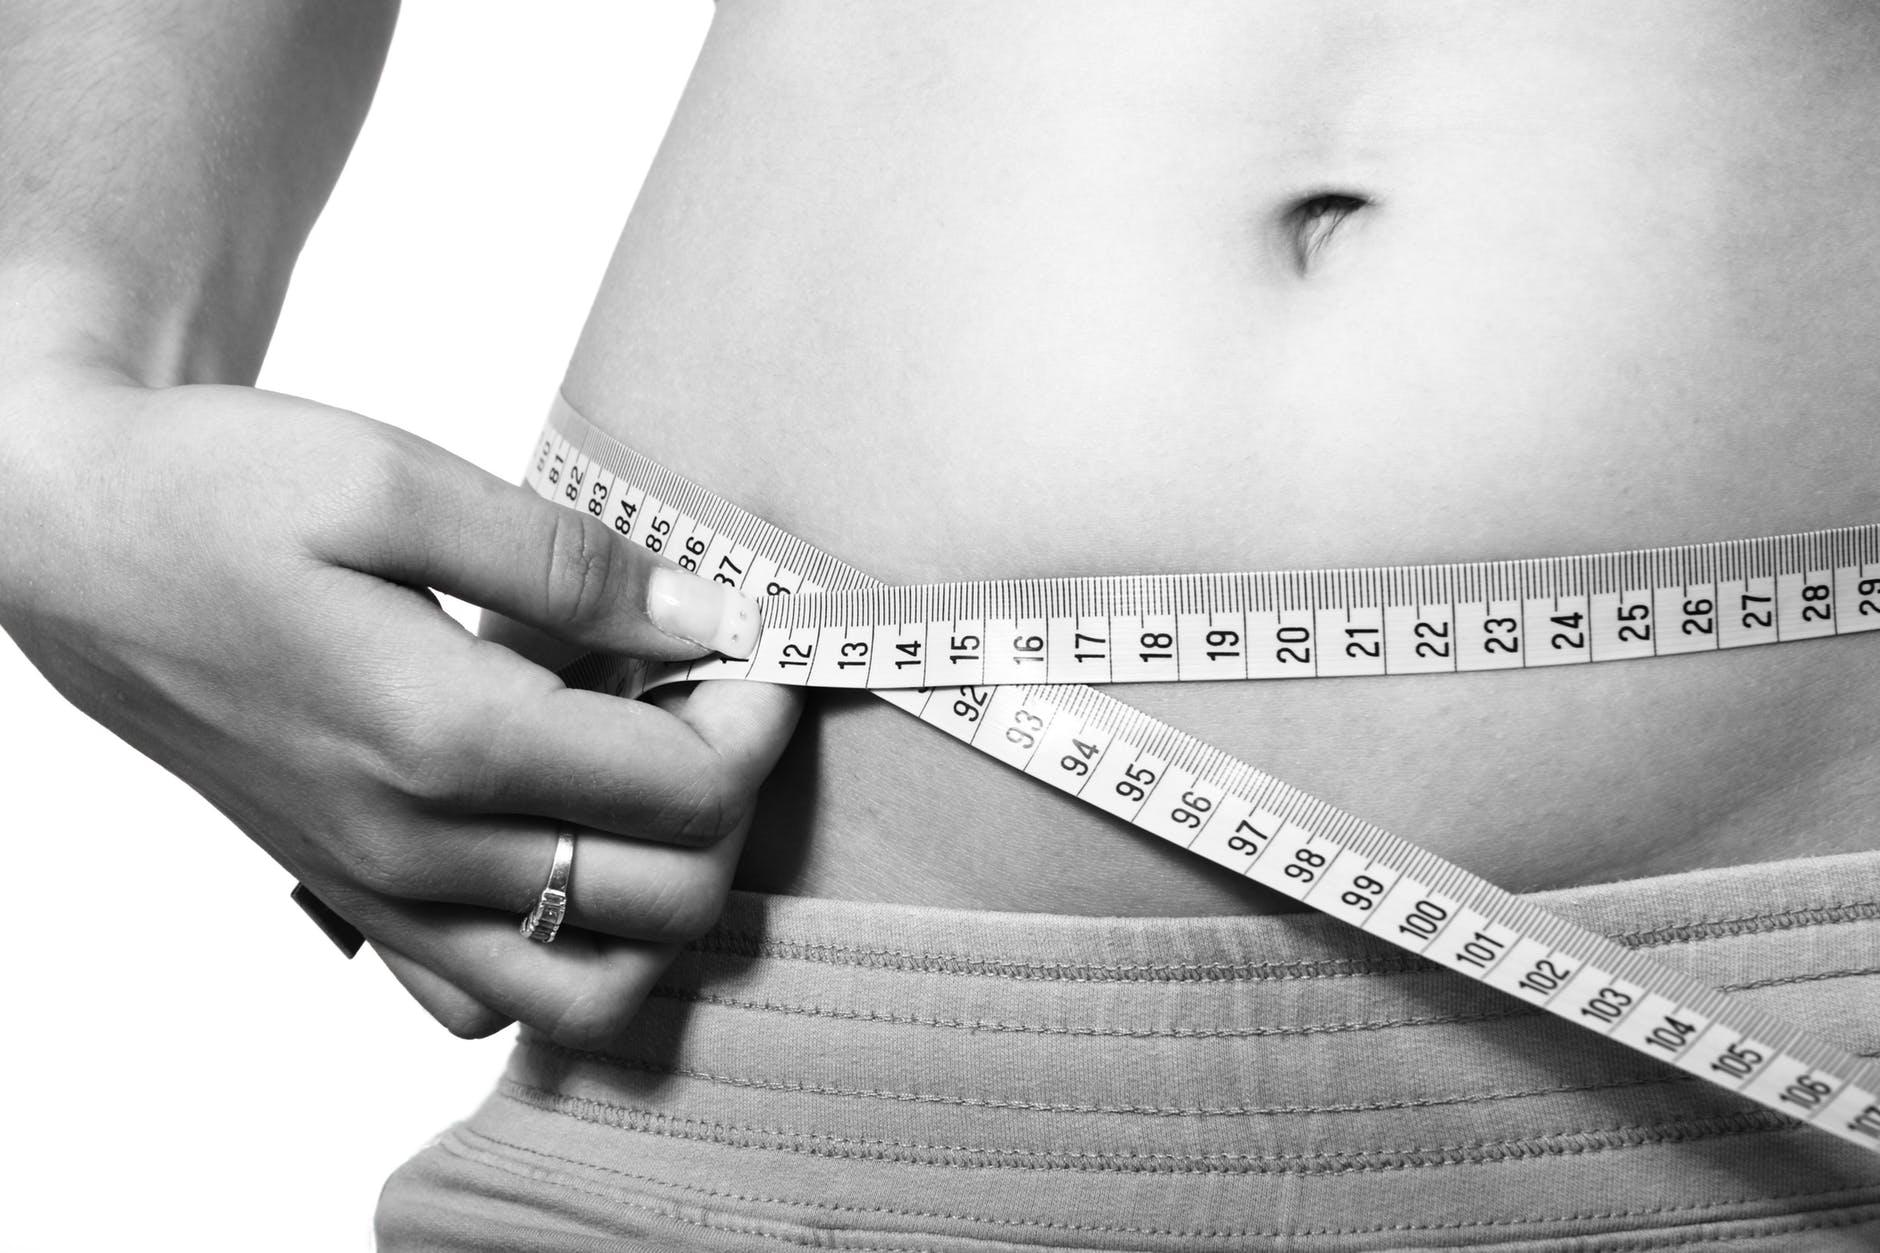 身体出现9大积极变化,说明运动减肥让你瘦了,已经体验到几个了